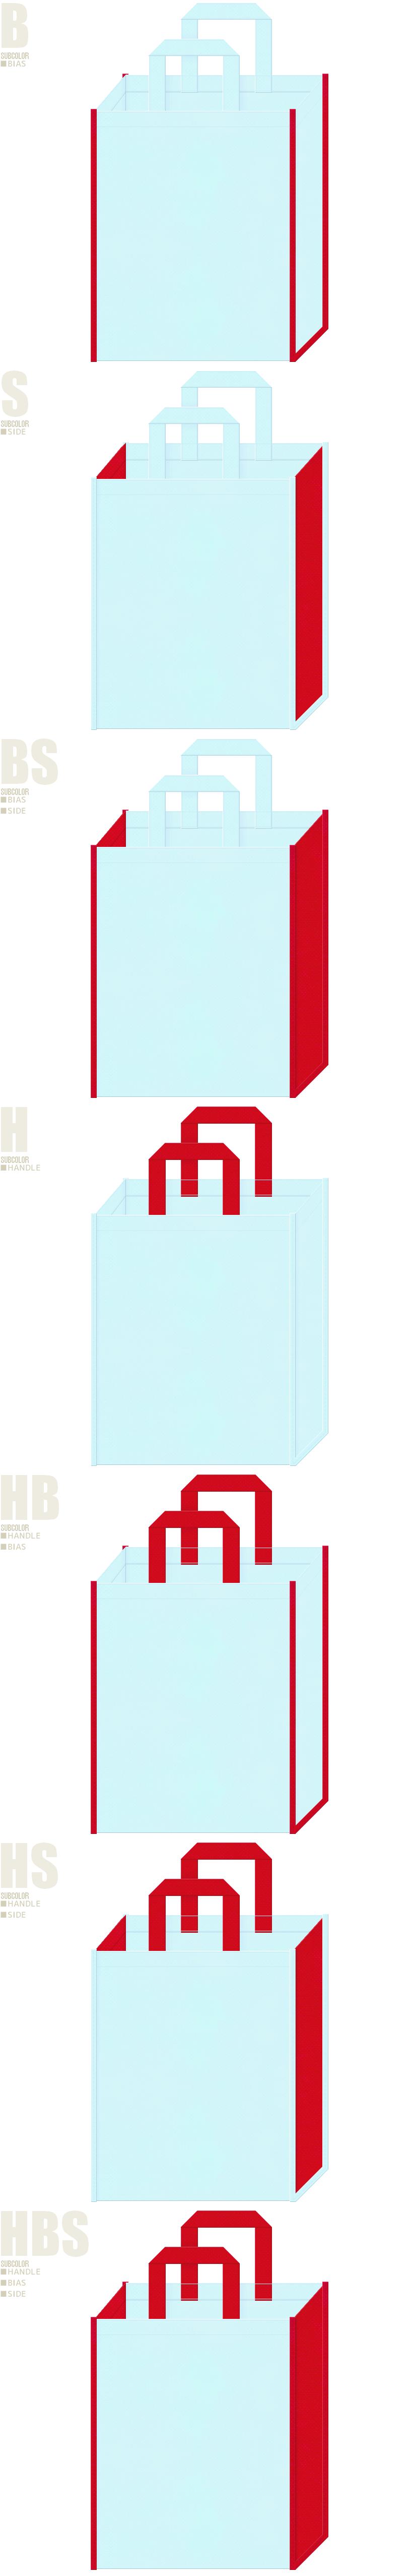 水色と紅色-7パターンの不織布トートバッグ配色デザイン例